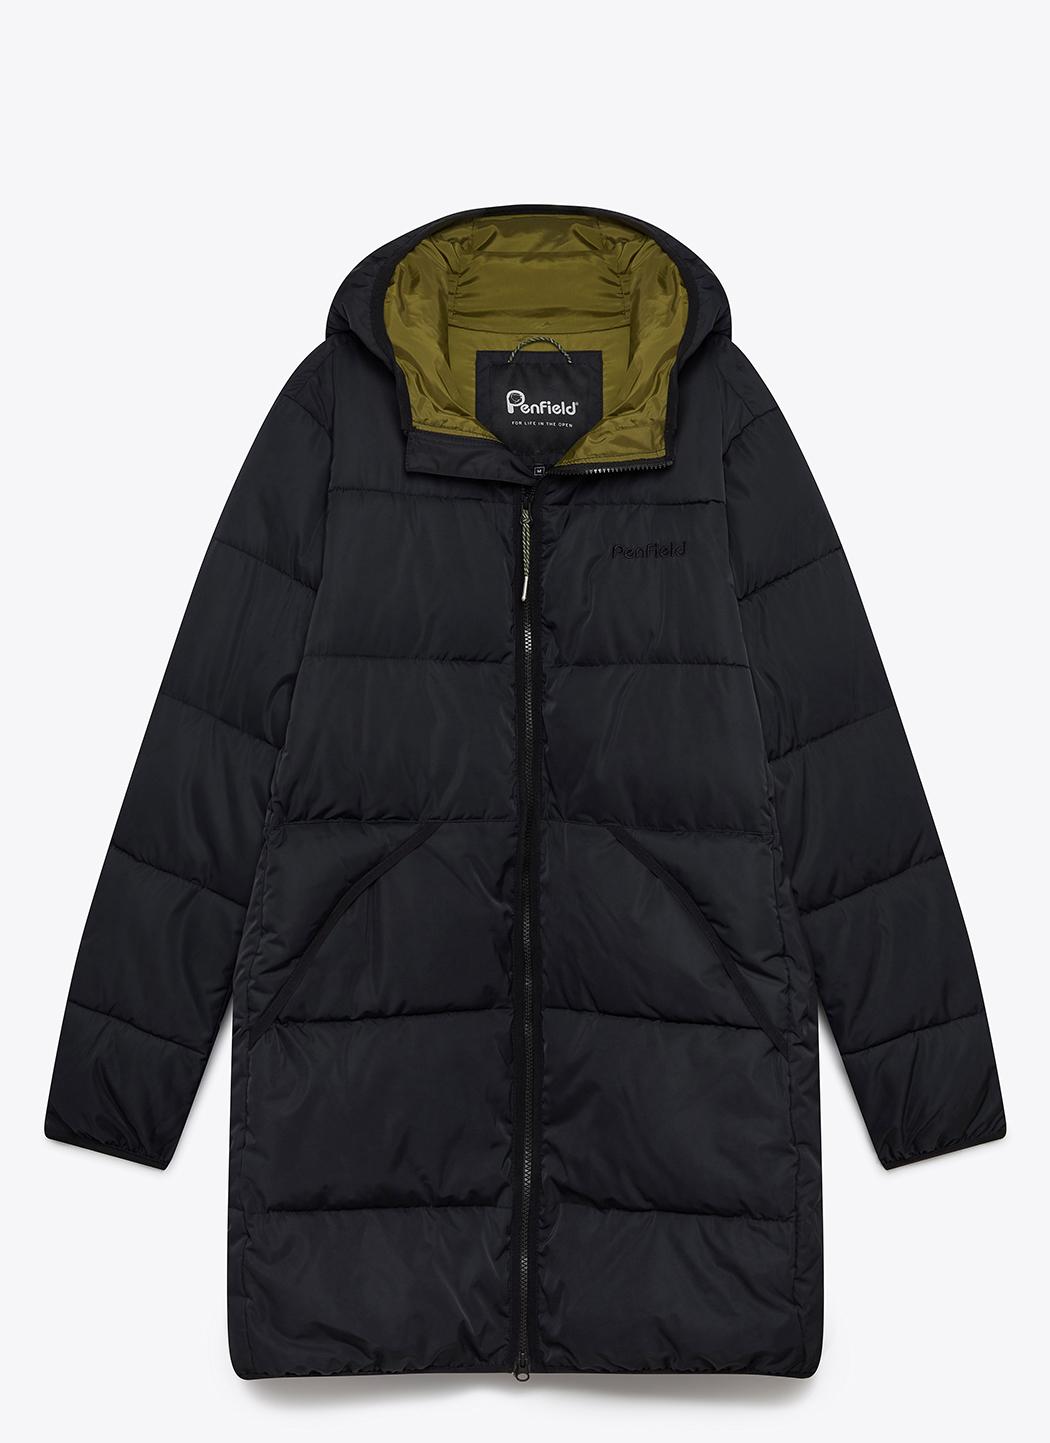 Penfield Trailmore jakke